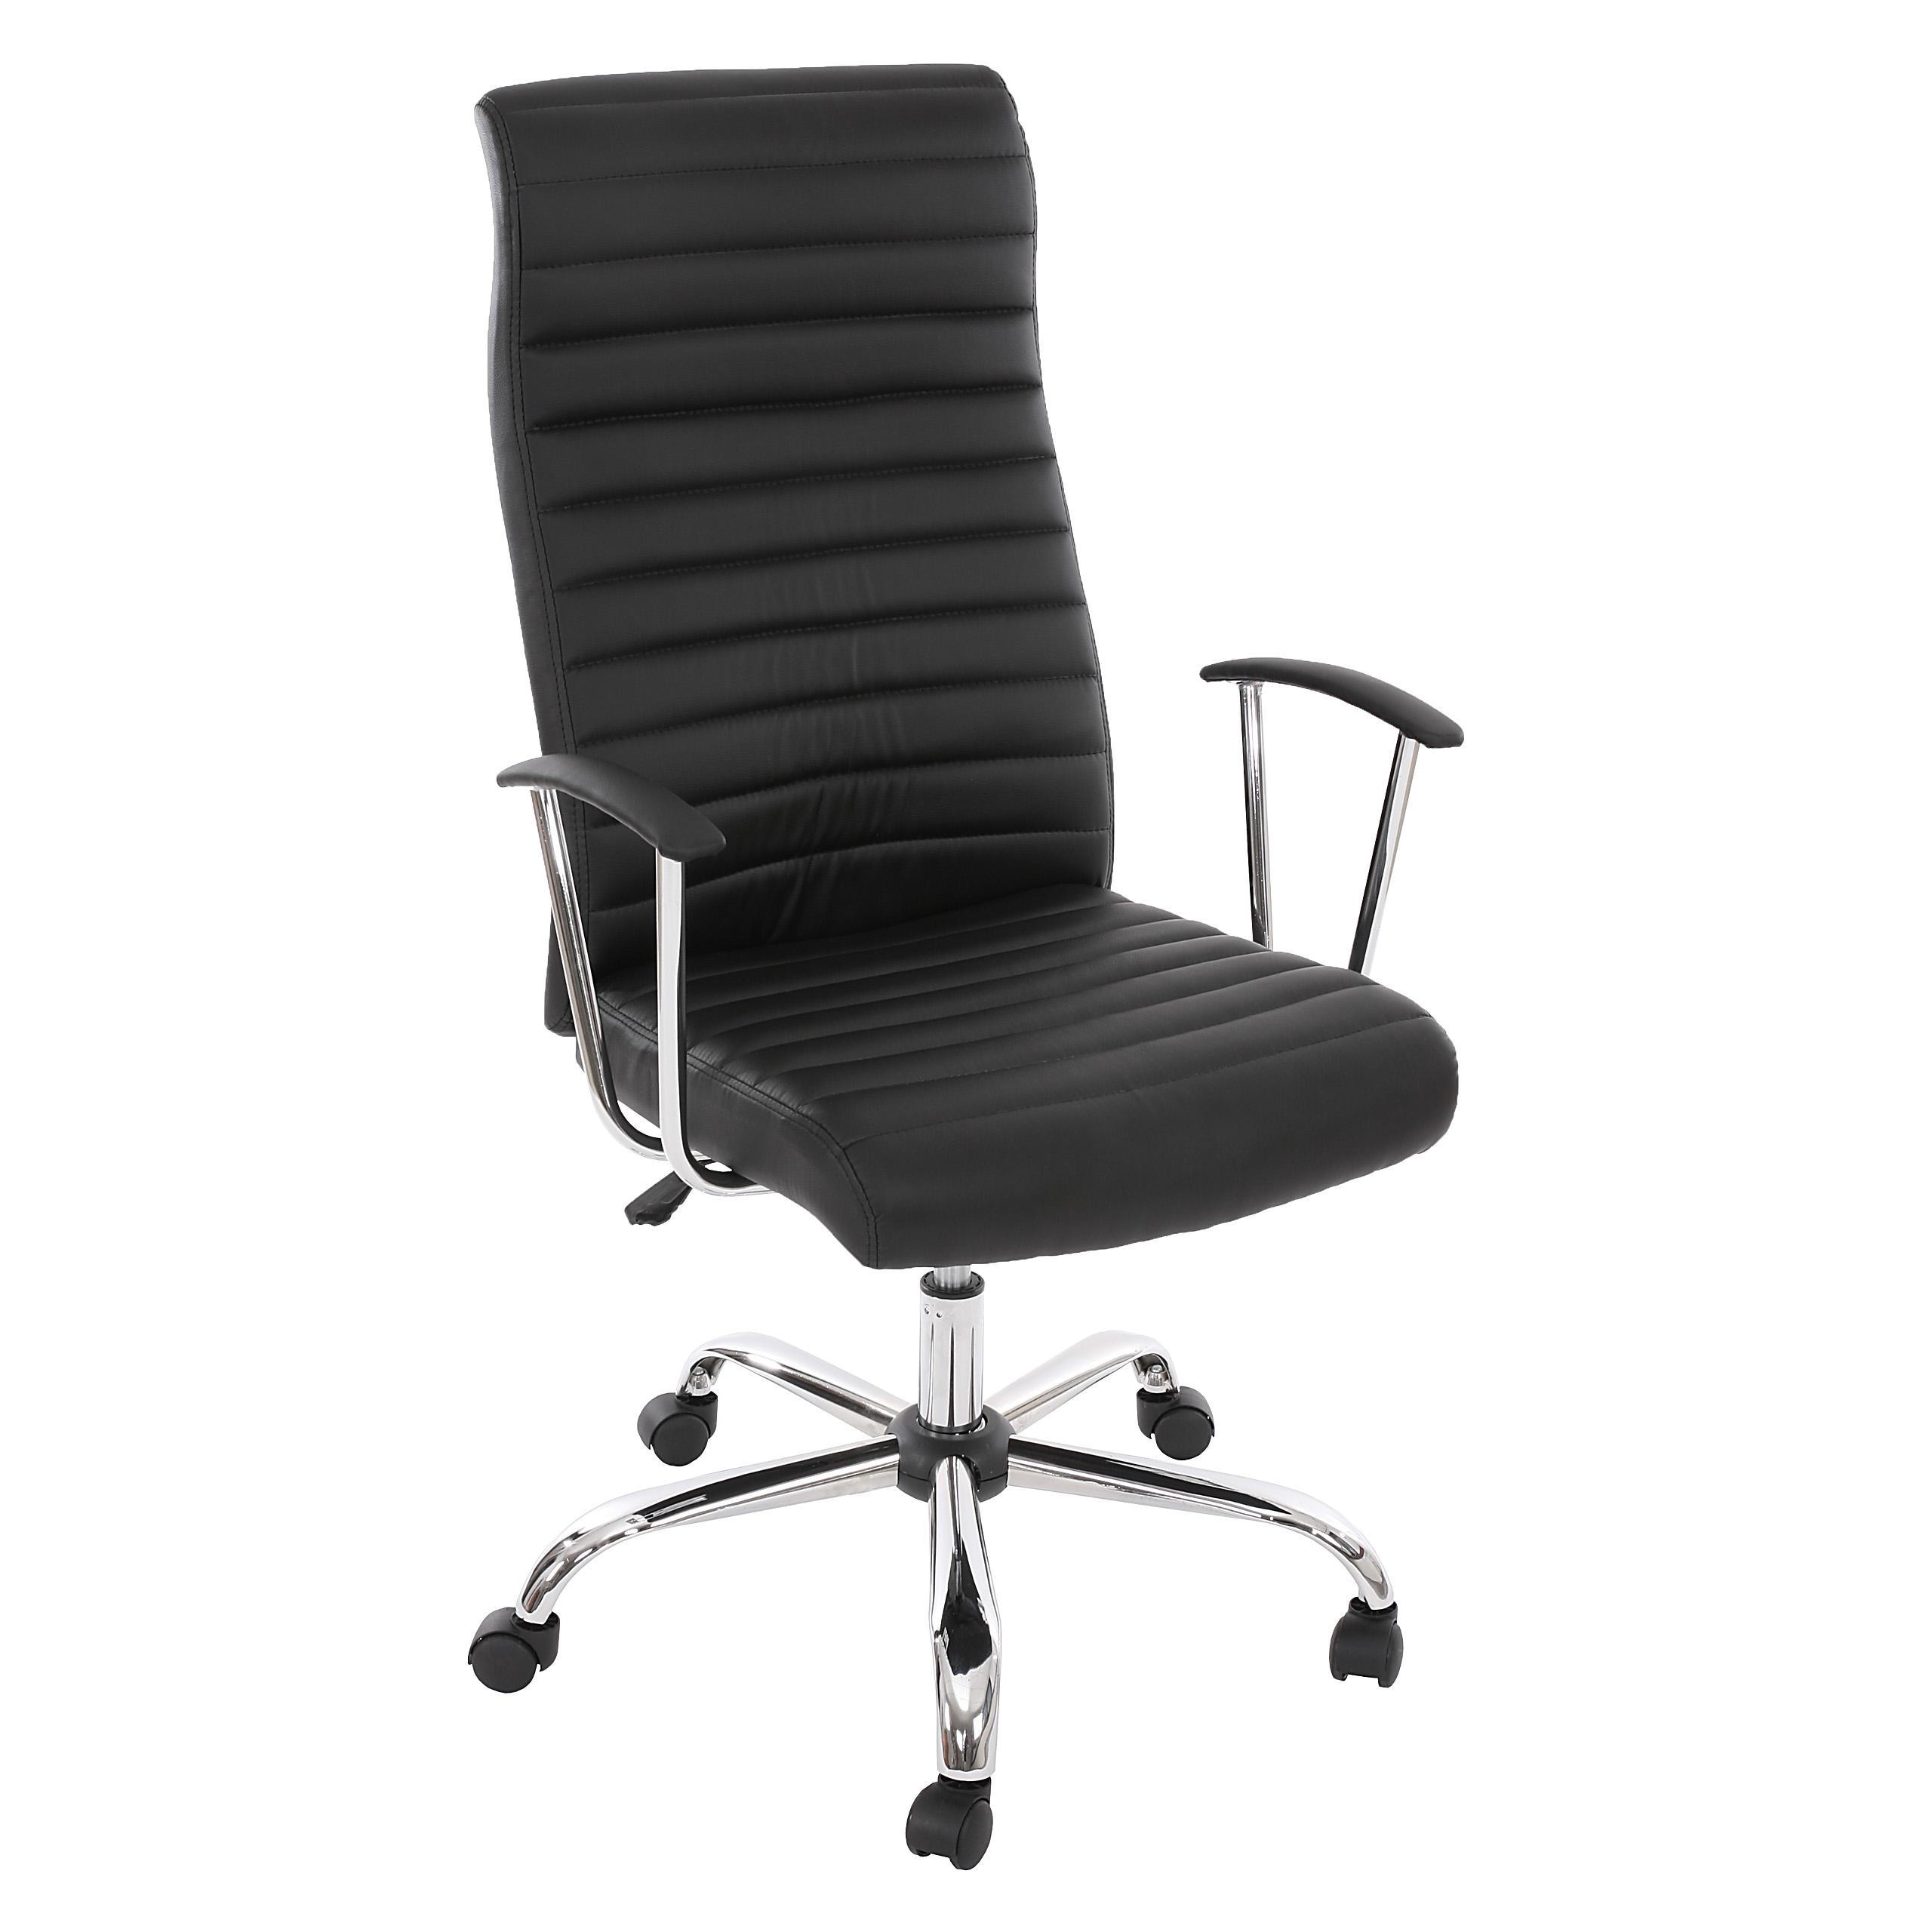 Bürostuhl ergonomisch  Drehstuhl Chefsessel Cagliari, ergonomische Form ~ schwarz